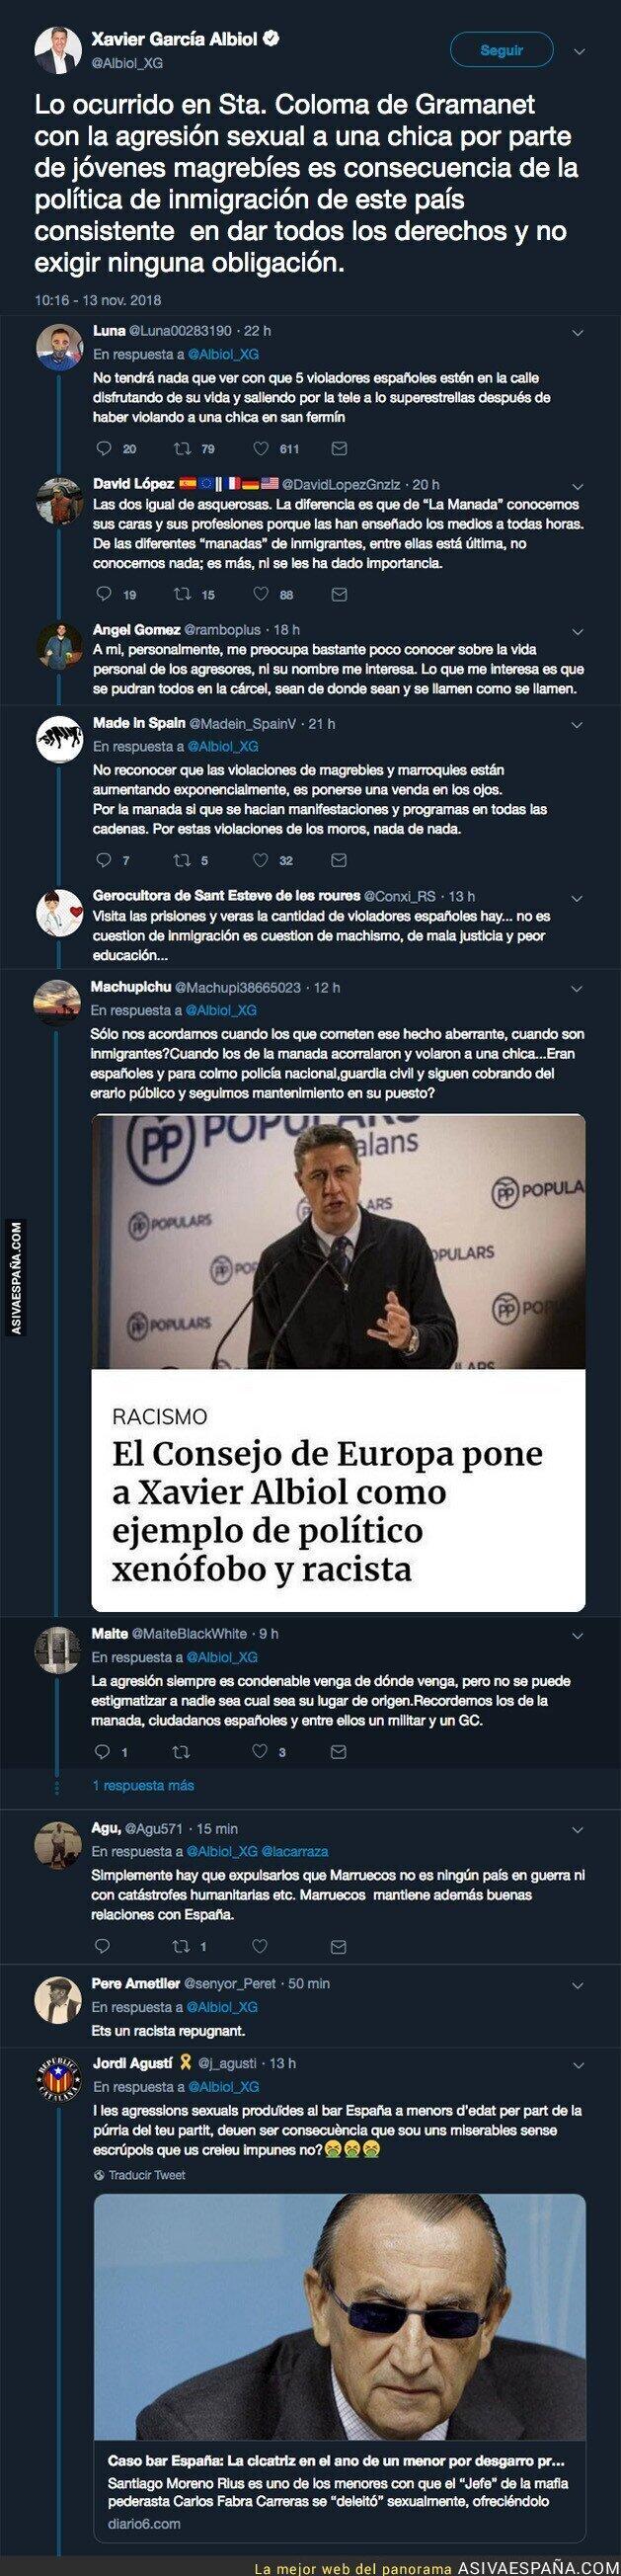 97918 - El lamentable tuit de Xavier García Albiol sobre los violadores de Sta. Coloma de Gramanet